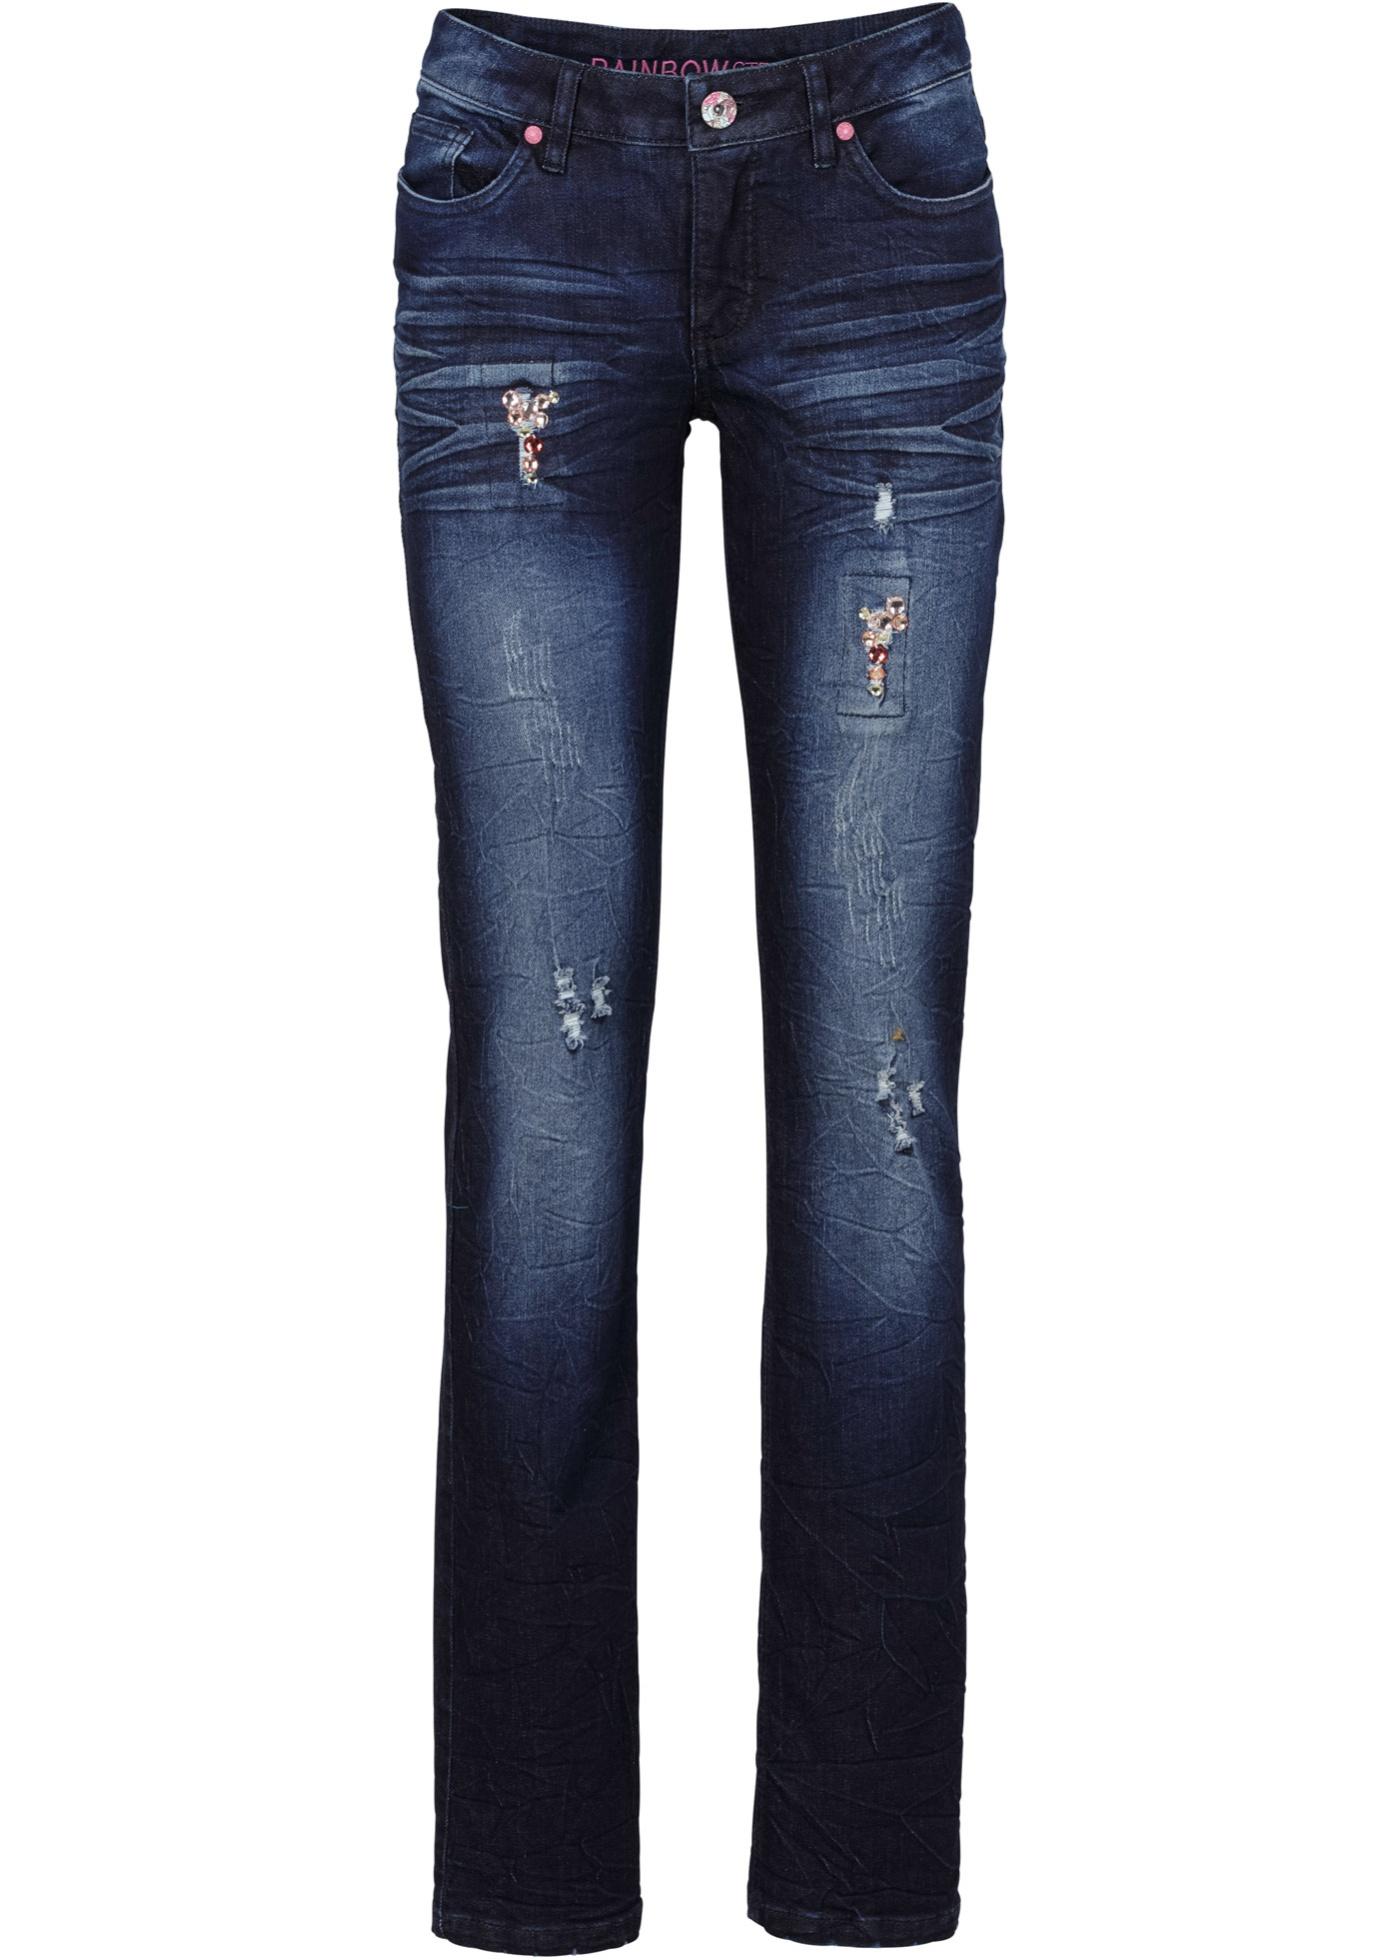 rainbow jeans preisvergleiche erfahrungsberichte und. Black Bedroom Furniture Sets. Home Design Ideas